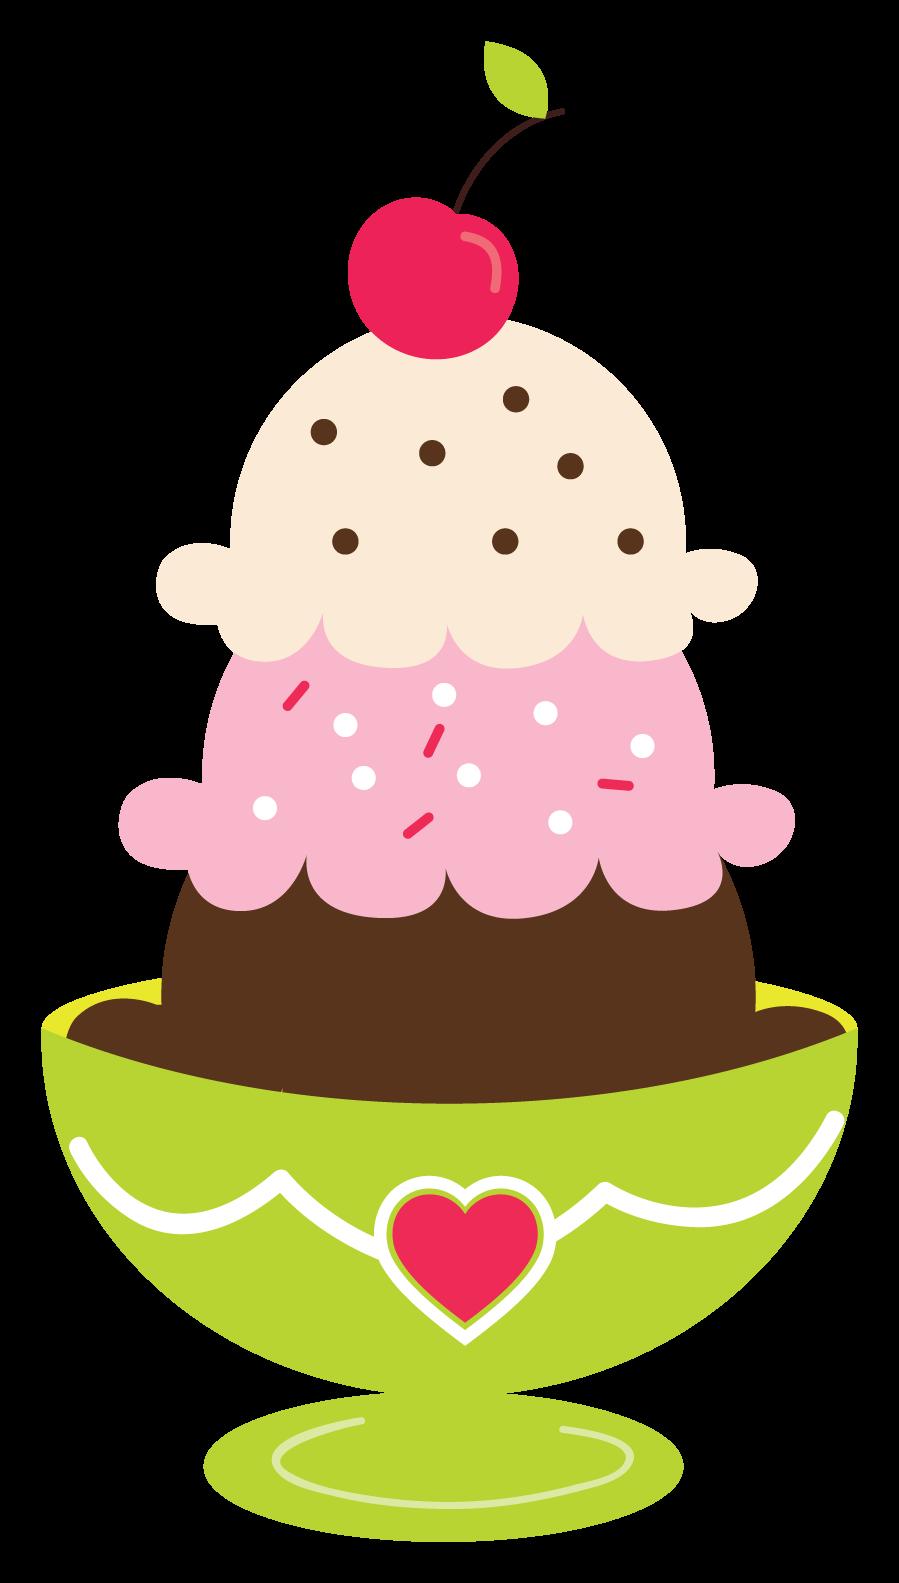 ice cream sundae clipart [ 899 x 1583 Pixel ]